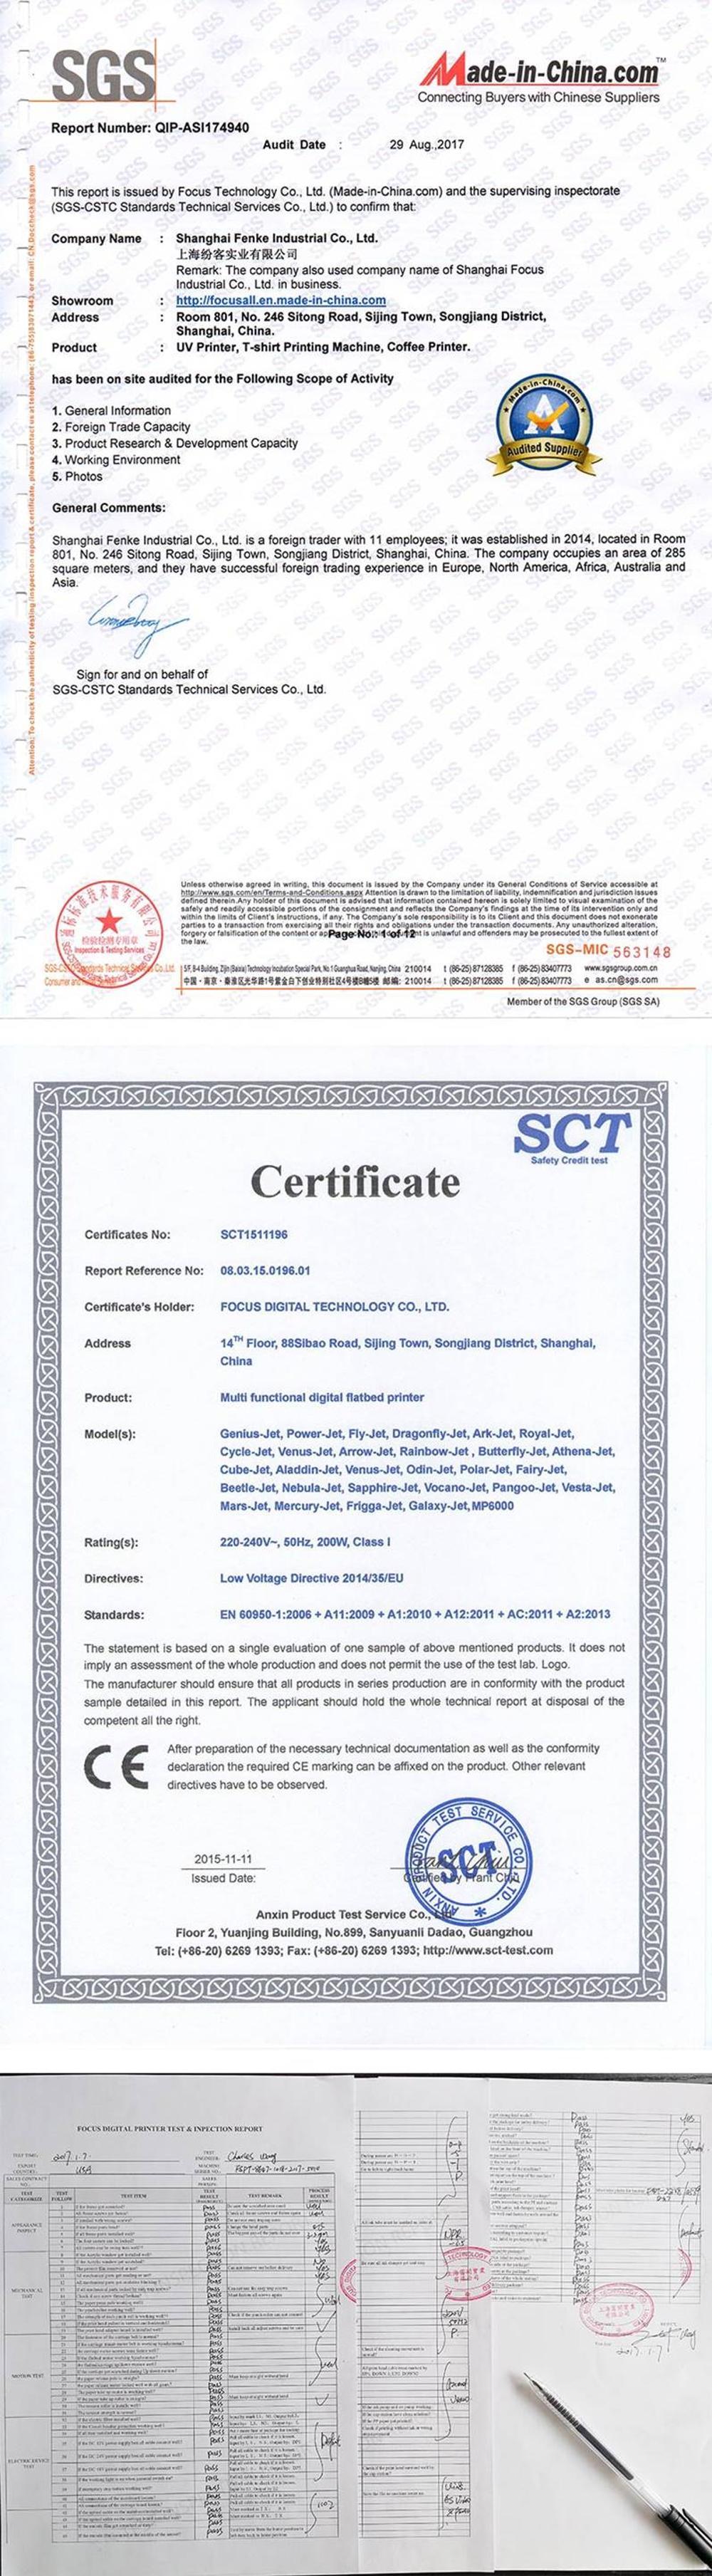 อัตโนมัติเกรดเครื่องพิมพ์ประเภทแสงยูวีเครื่องยนต์เครื่องการพิมพ์ดิจิตอลในประเทศจีน id เครื่องพิมพ์บัตร cd